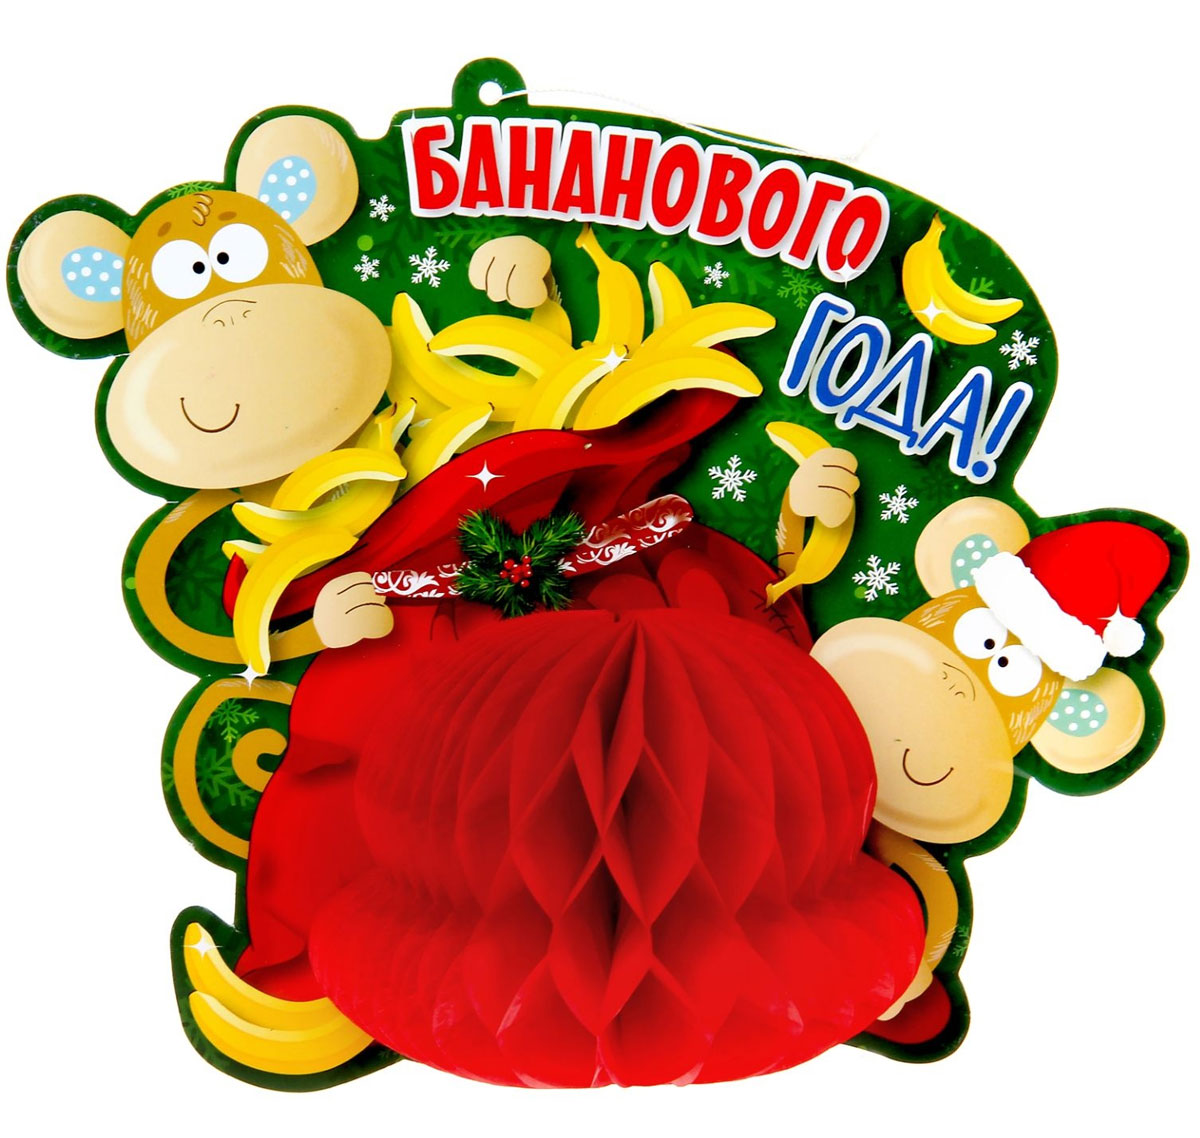 Новогоднее подвесное украшение Sima-land Бананового года!, 21,6 см х 20,5 см х 12 см новогоднее подвесное украшение sima land денежного года 9 5 см х 10 см х 5 см